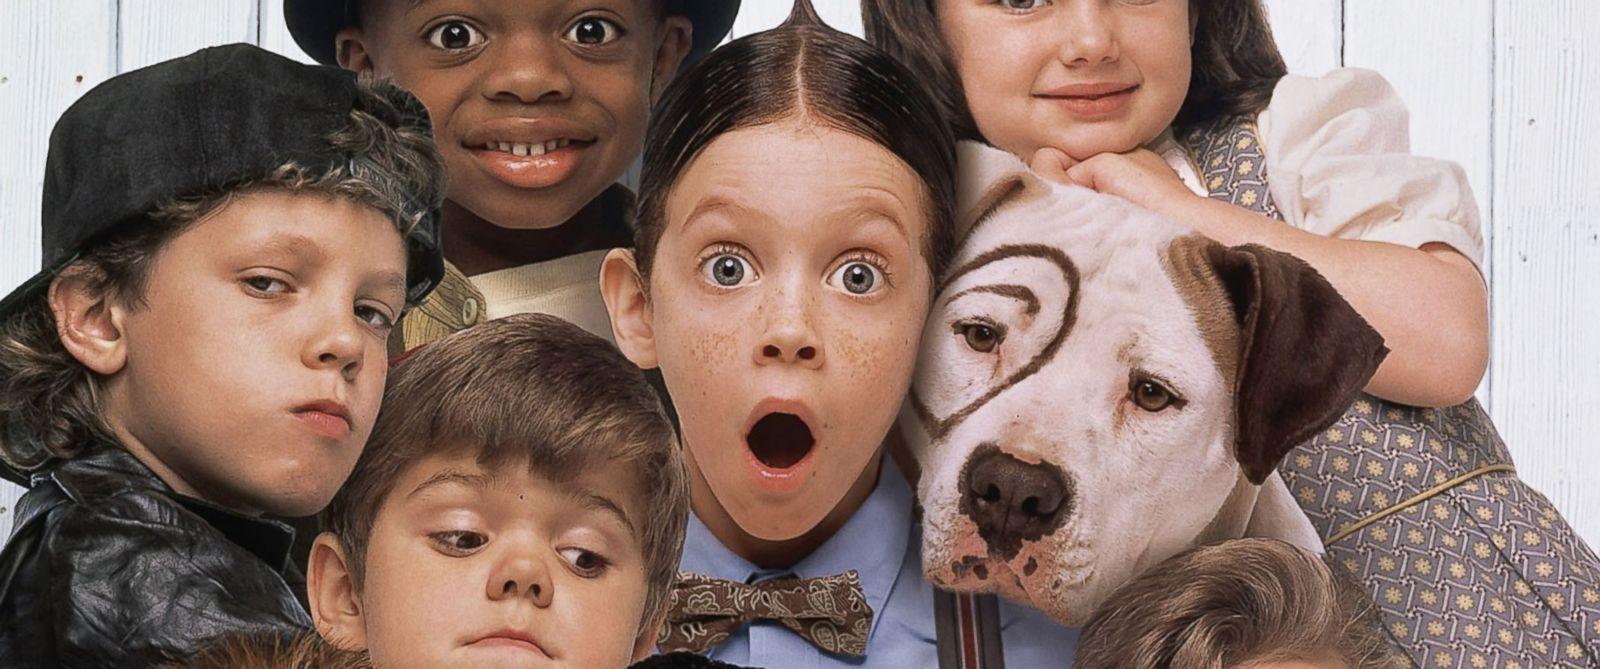 The Little Rascals Cast   www.pixshark.com - Images ...